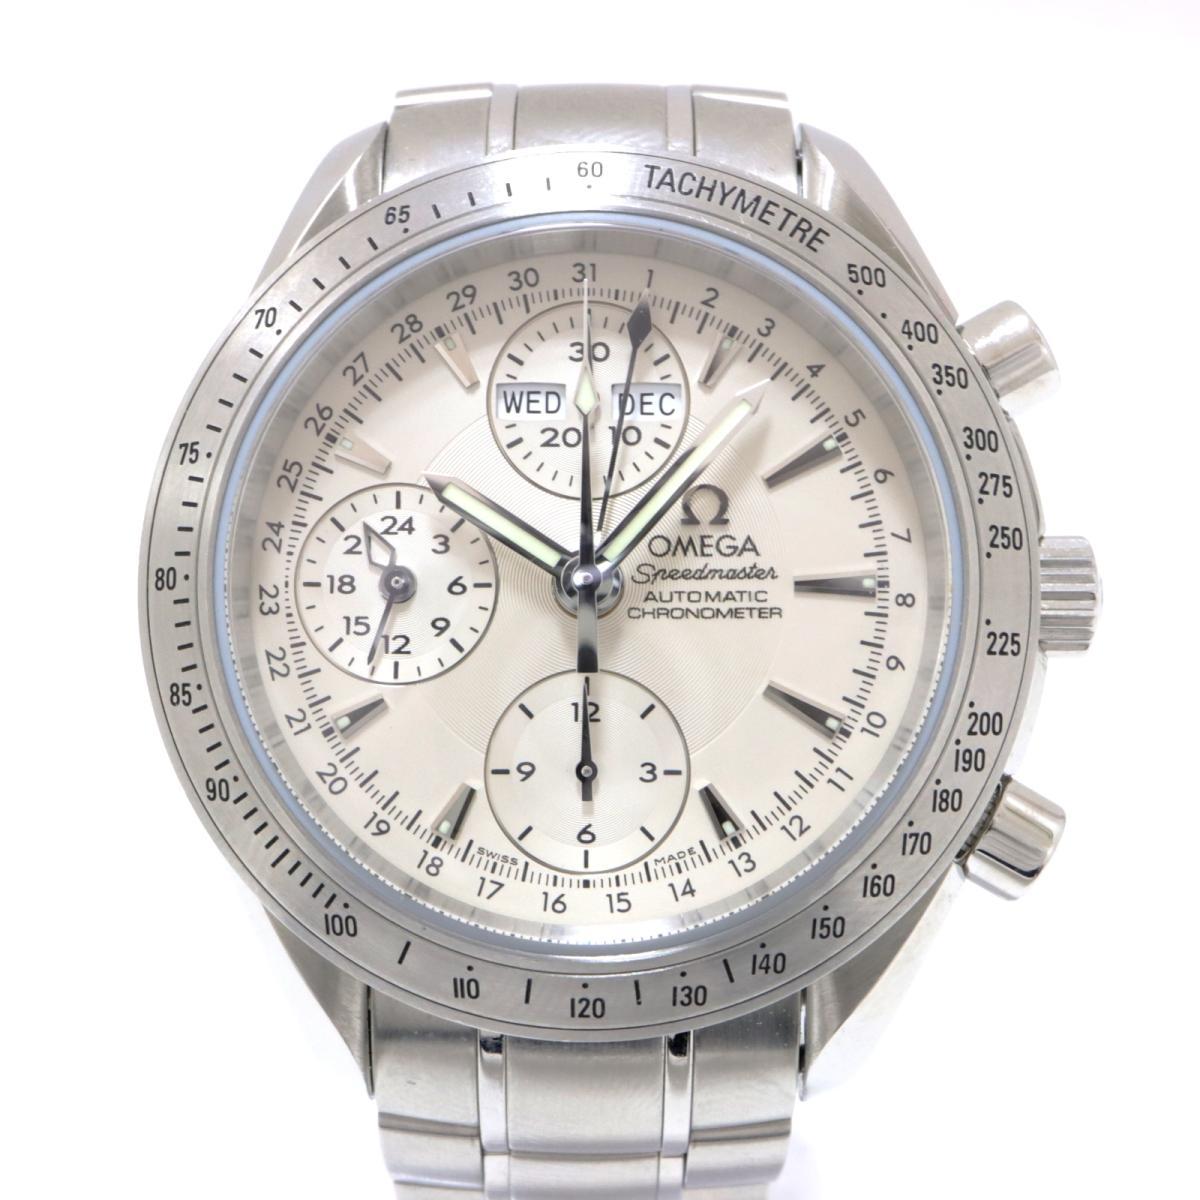 【中古】 オメガ スピードマスター デイデイト 腕時計 メンズ ステンレススチール (SS) シルバー (3221.30) | OMEGA BRANDOFF ブランドオフ ブランド ブランド時計 ブランド腕時計 時計 ウォッチ